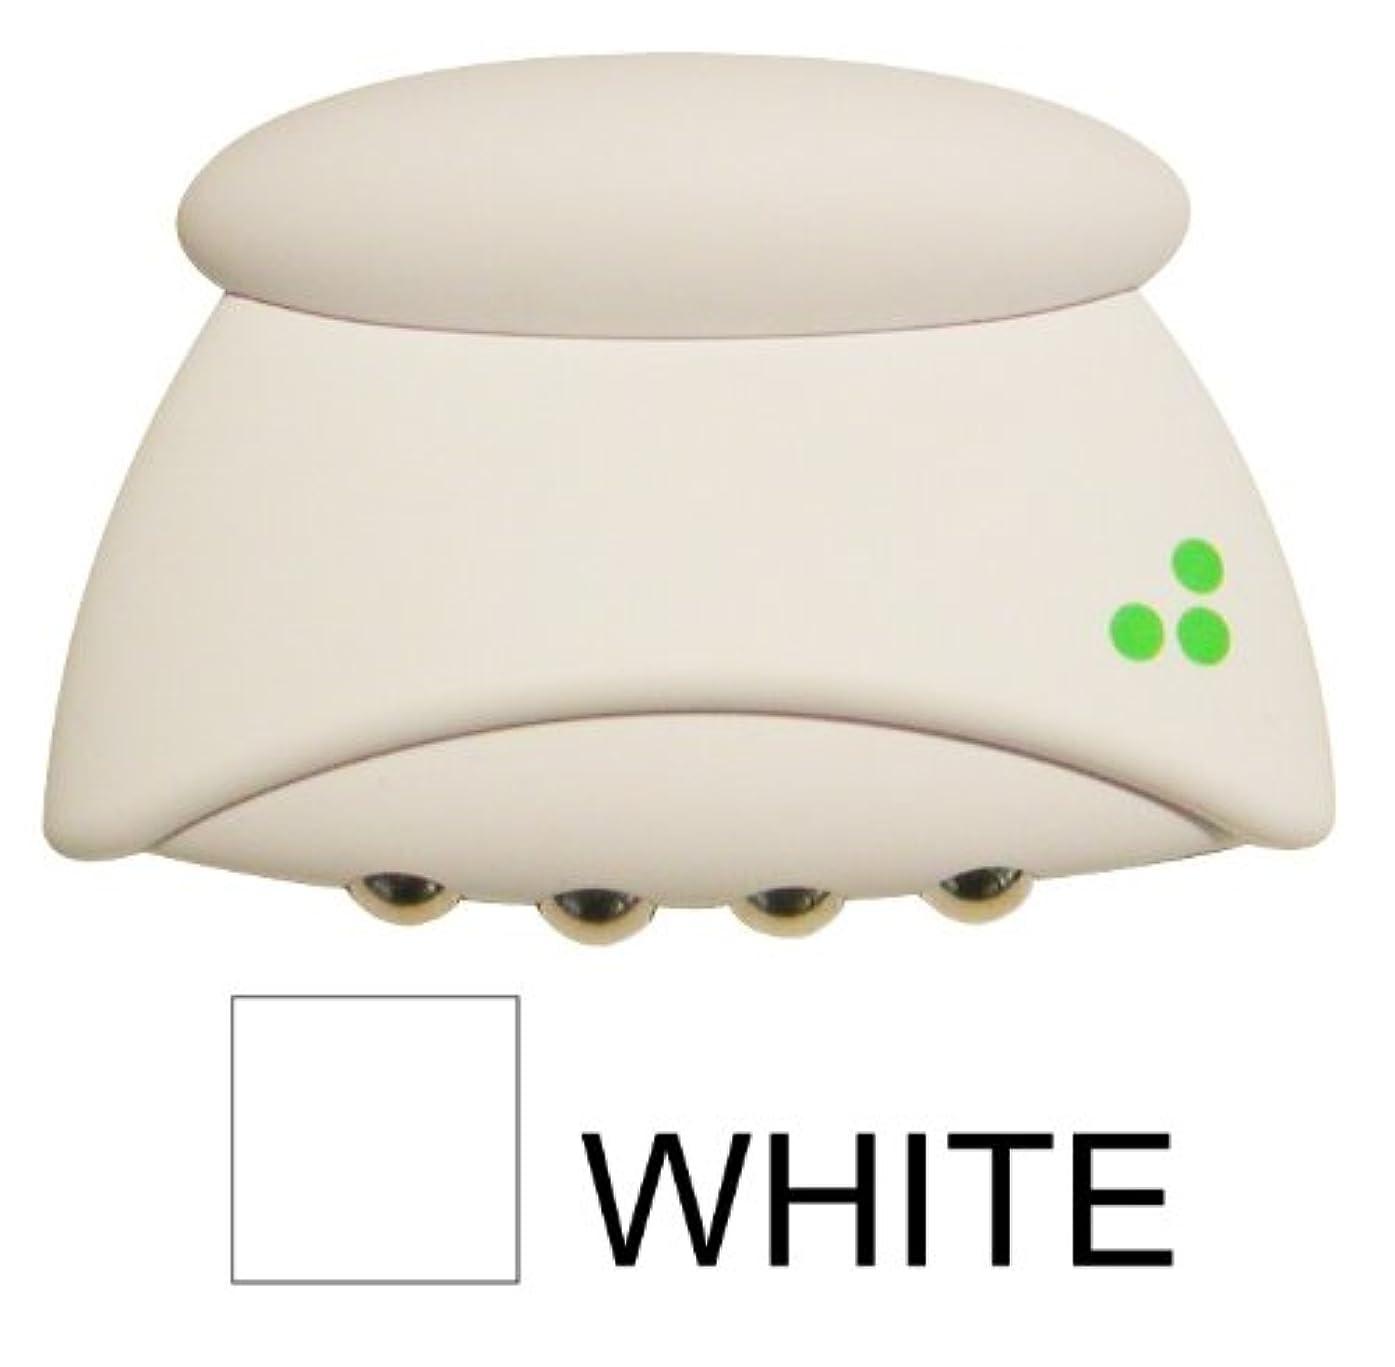 再編成する広々喜ぶシェルブル(shell-bulu)CLV-165(WH)ホワイト